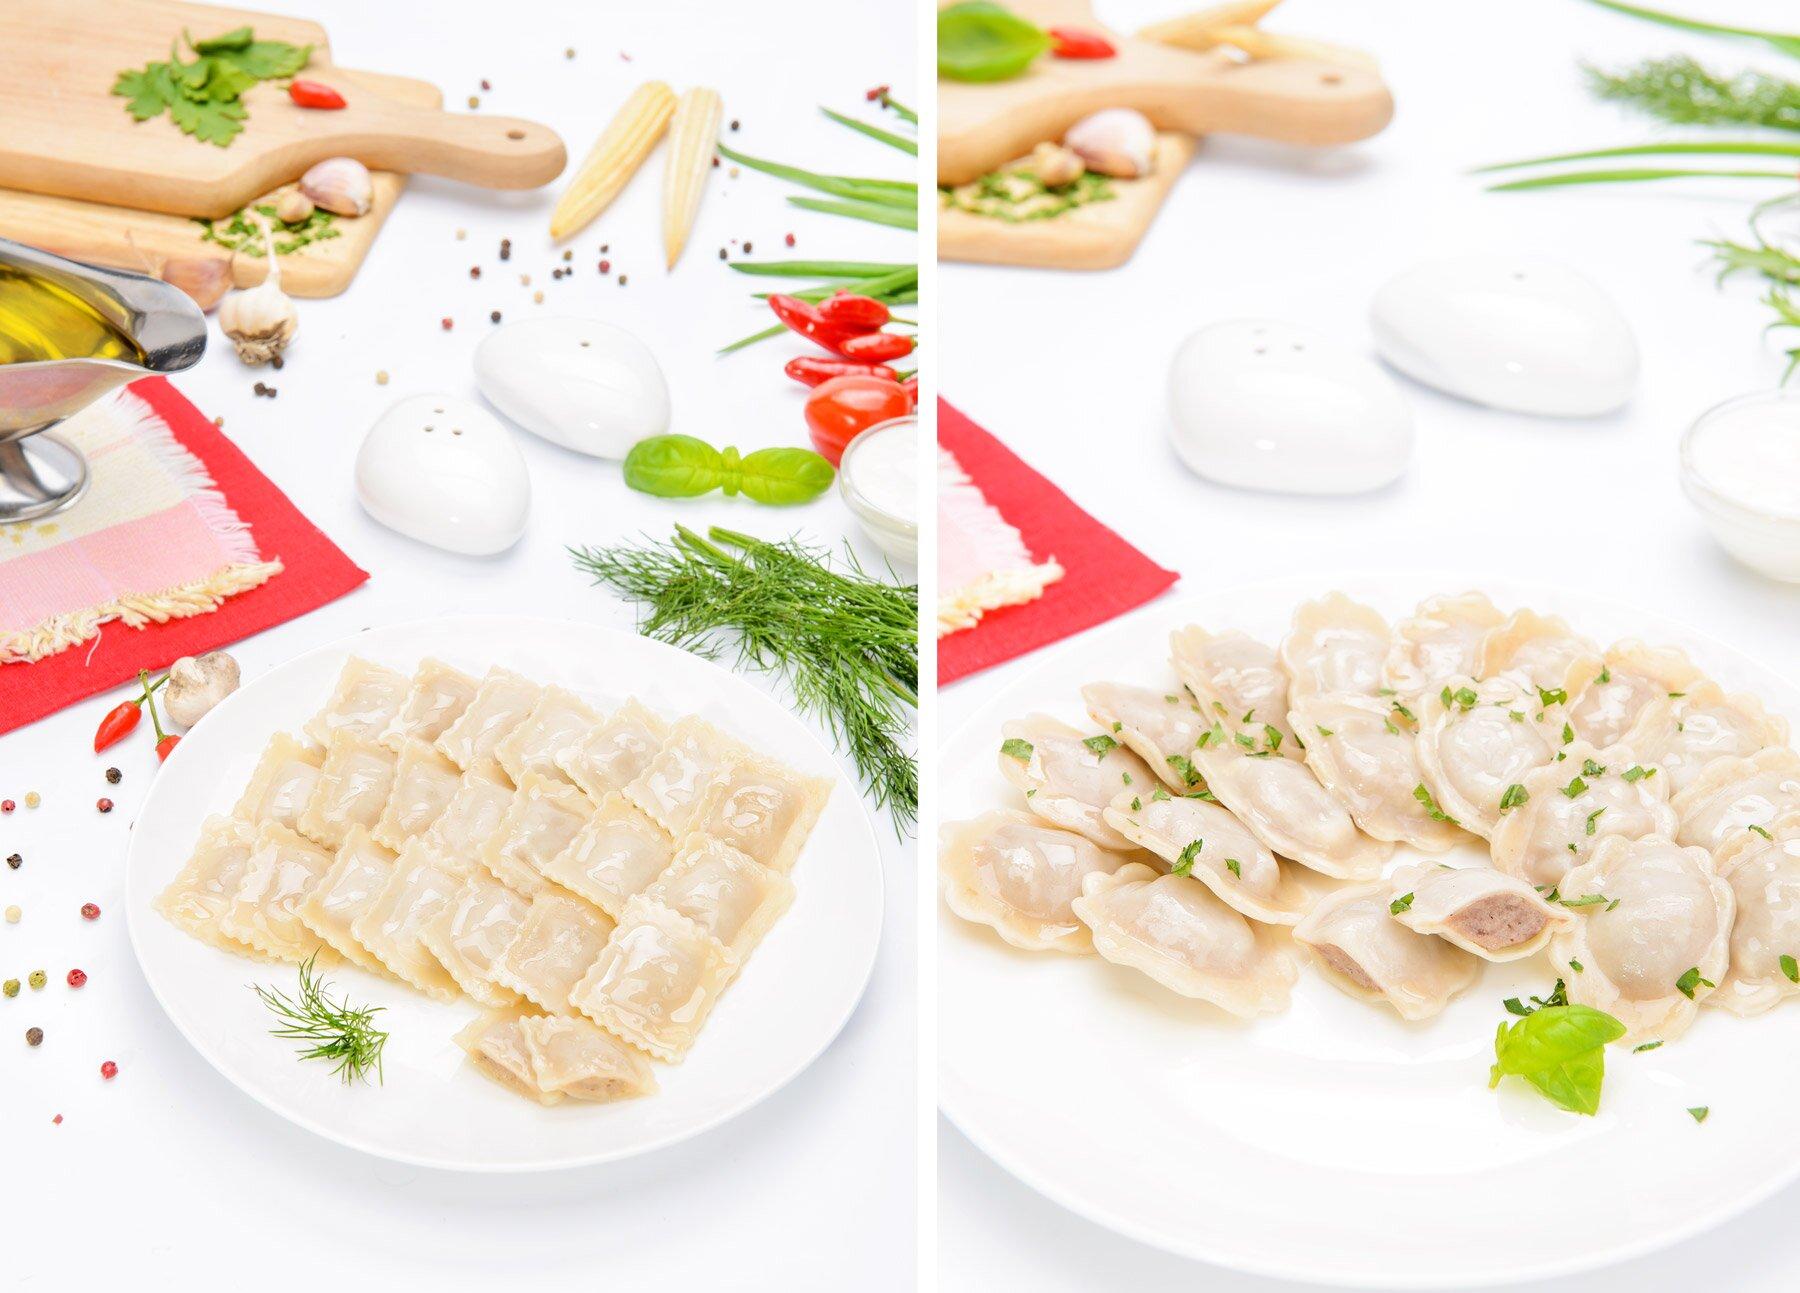 saldytu-maisto-gaminiu-fotografavimas-liutukas-3